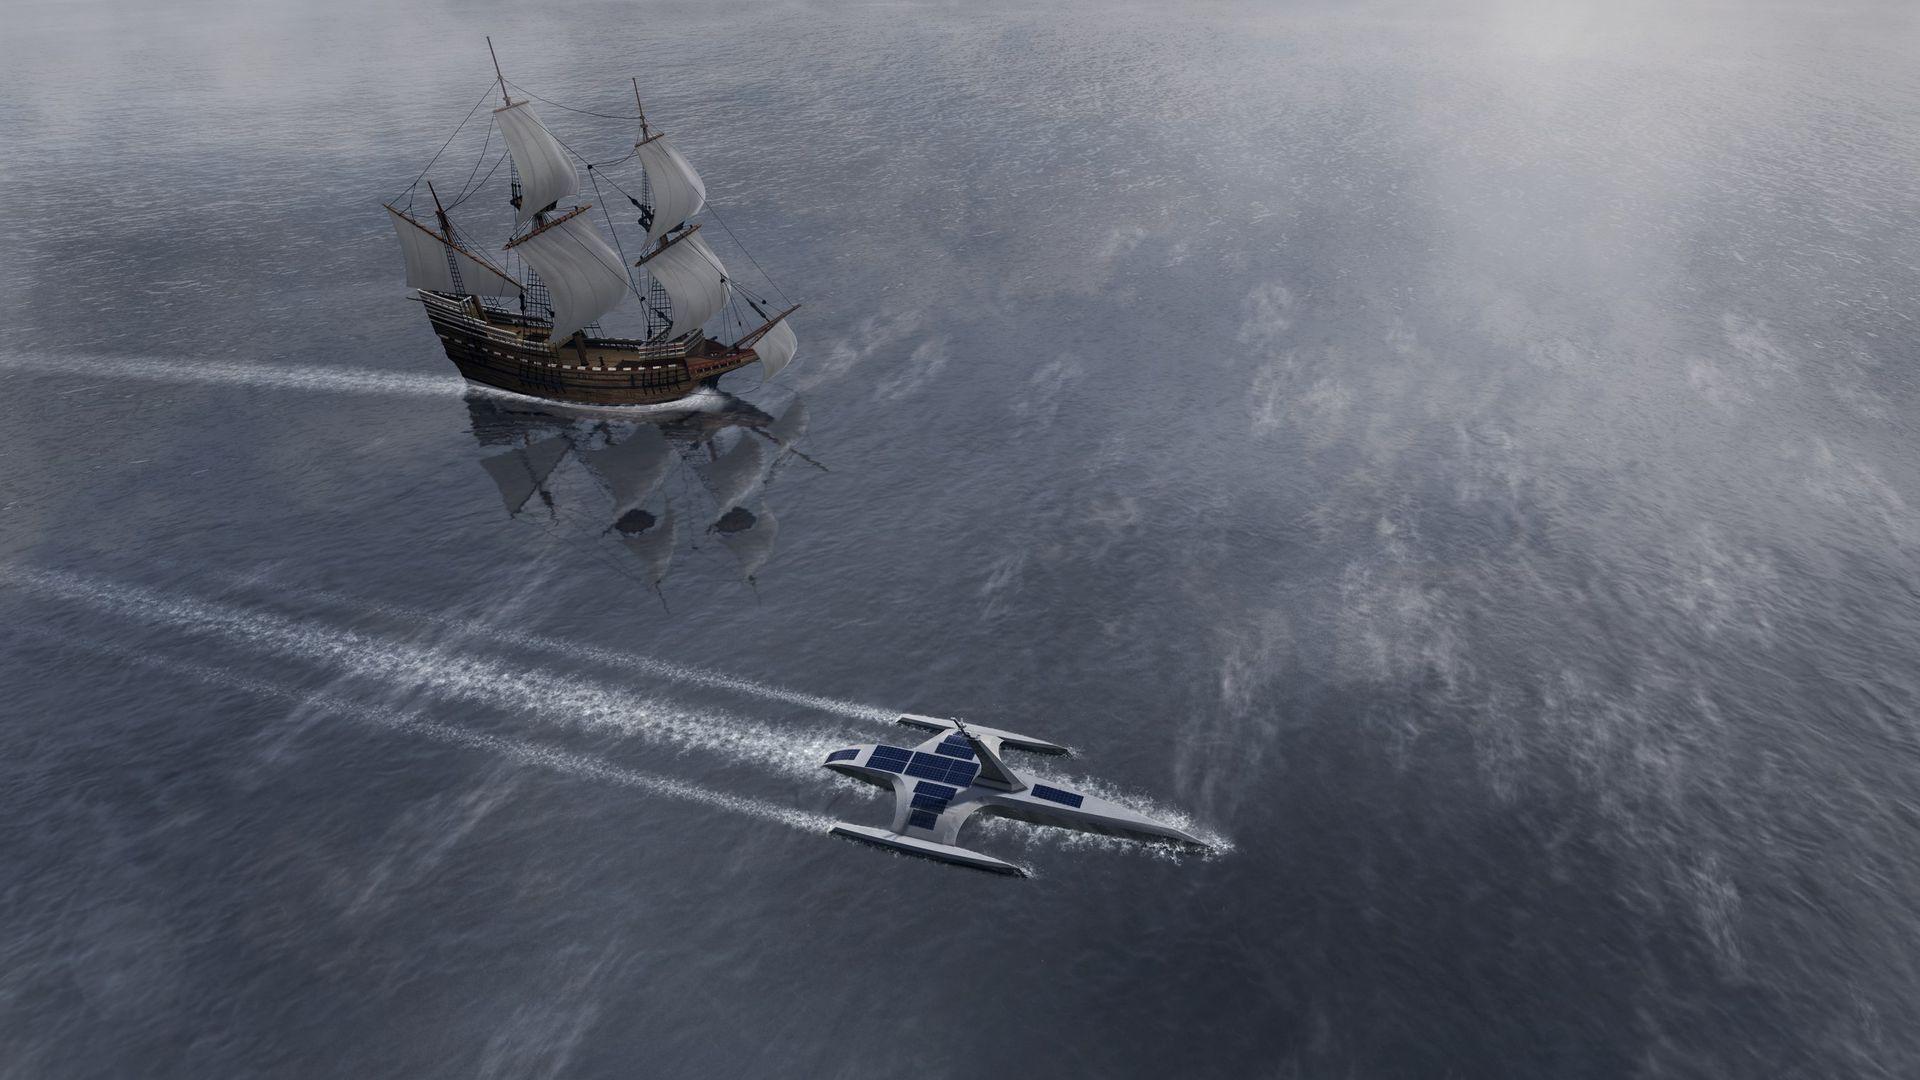 Autonoma båten Mayflower ska korsa Atlanten på egen hand